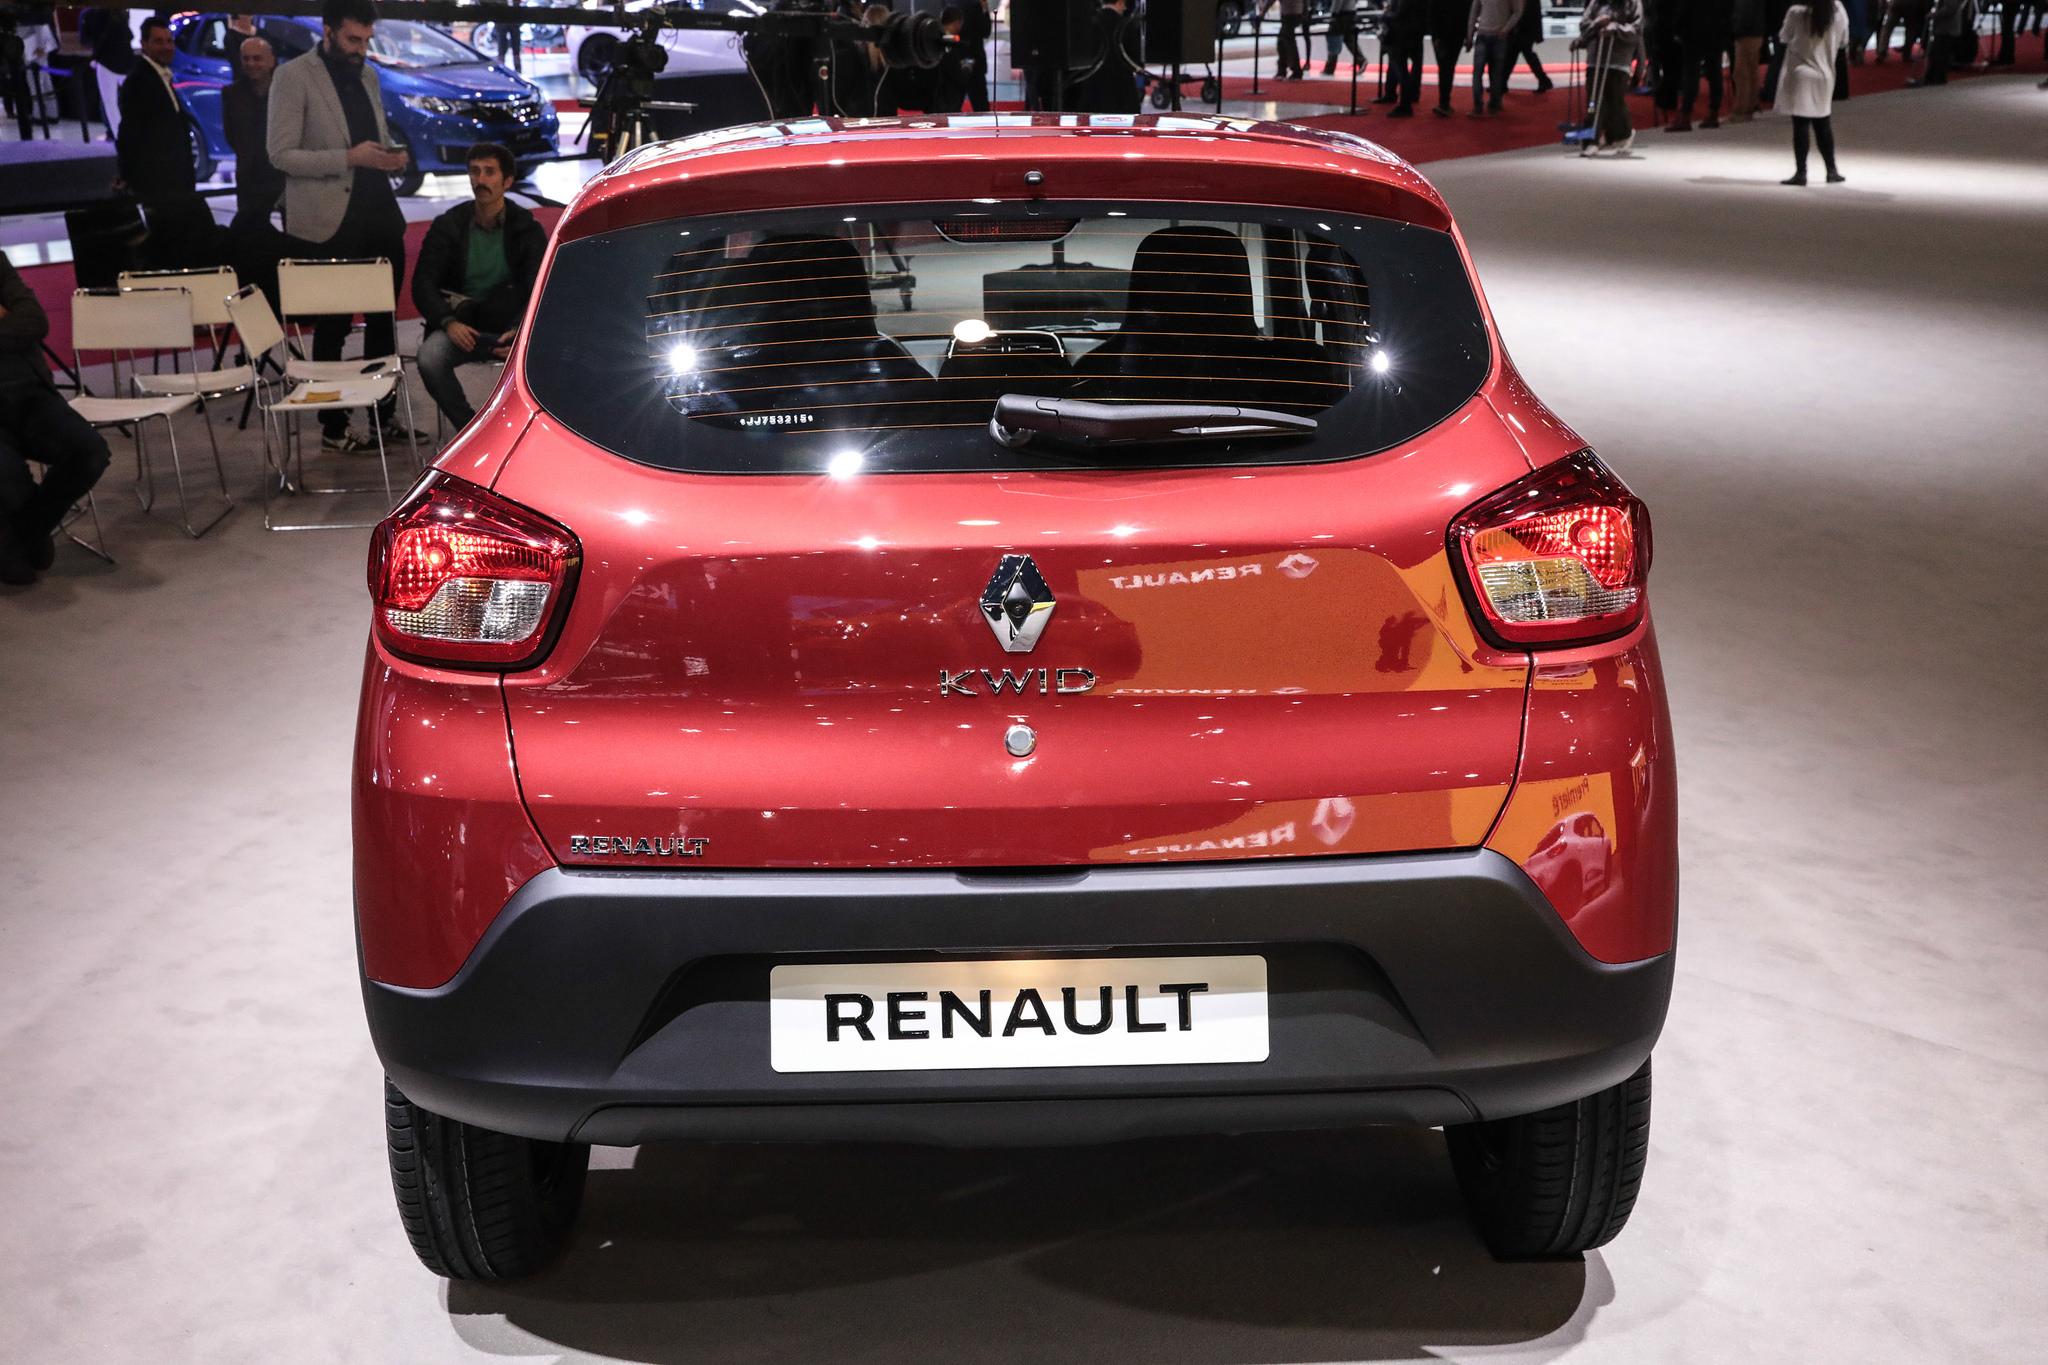 Renault Kwid aposta em conceito SUV e preços competitivos — AutoAnálise